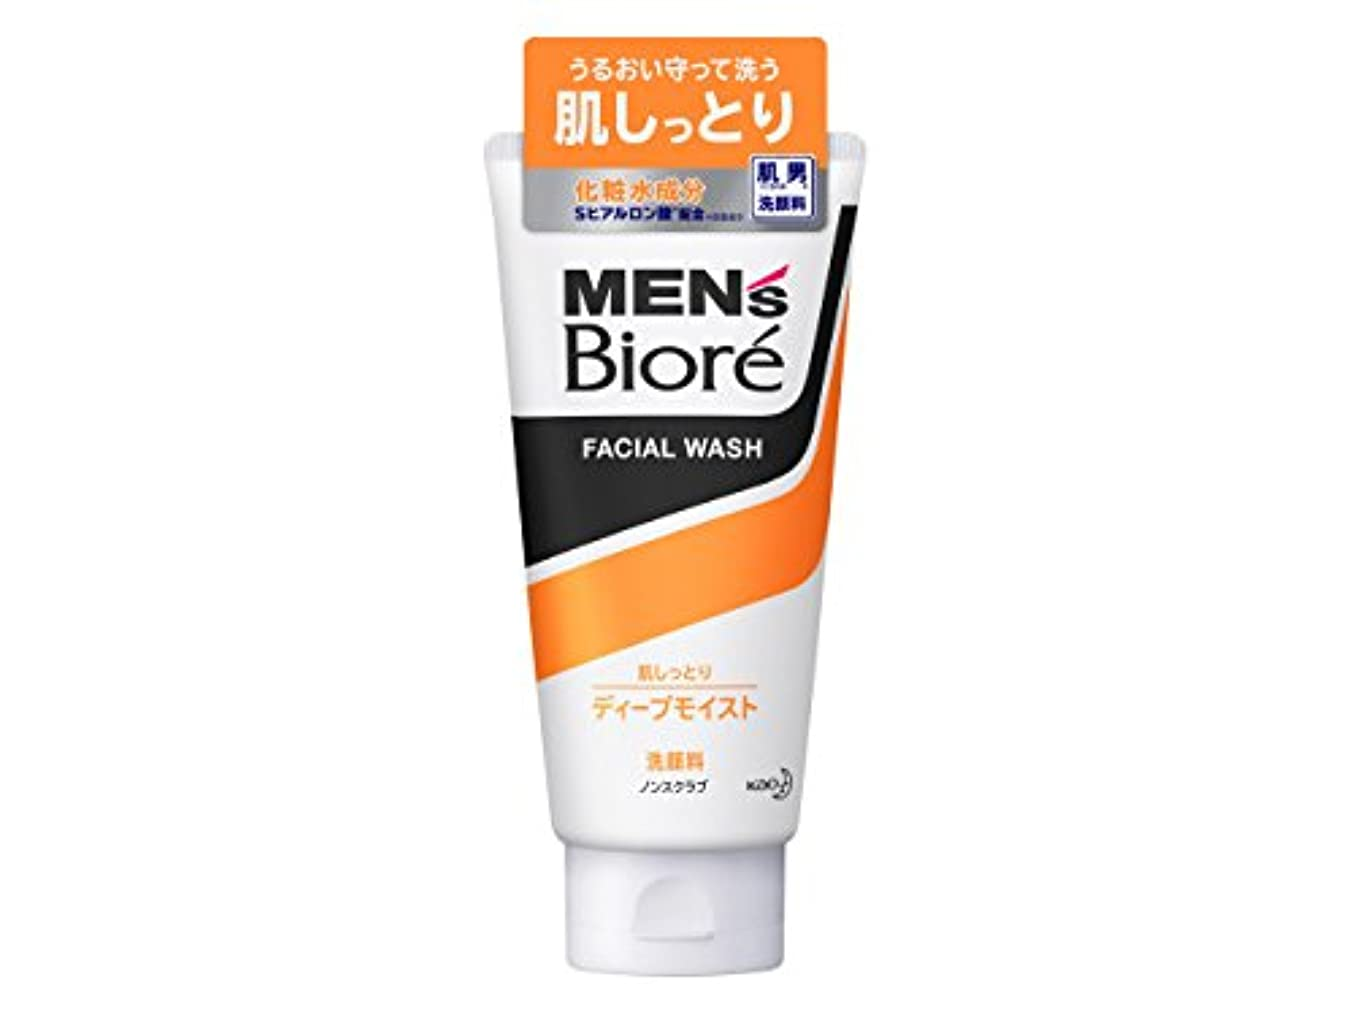 アヒル行進菊【花王】メンズビオレ ディープモイスト洗顔 130g ×20個セット